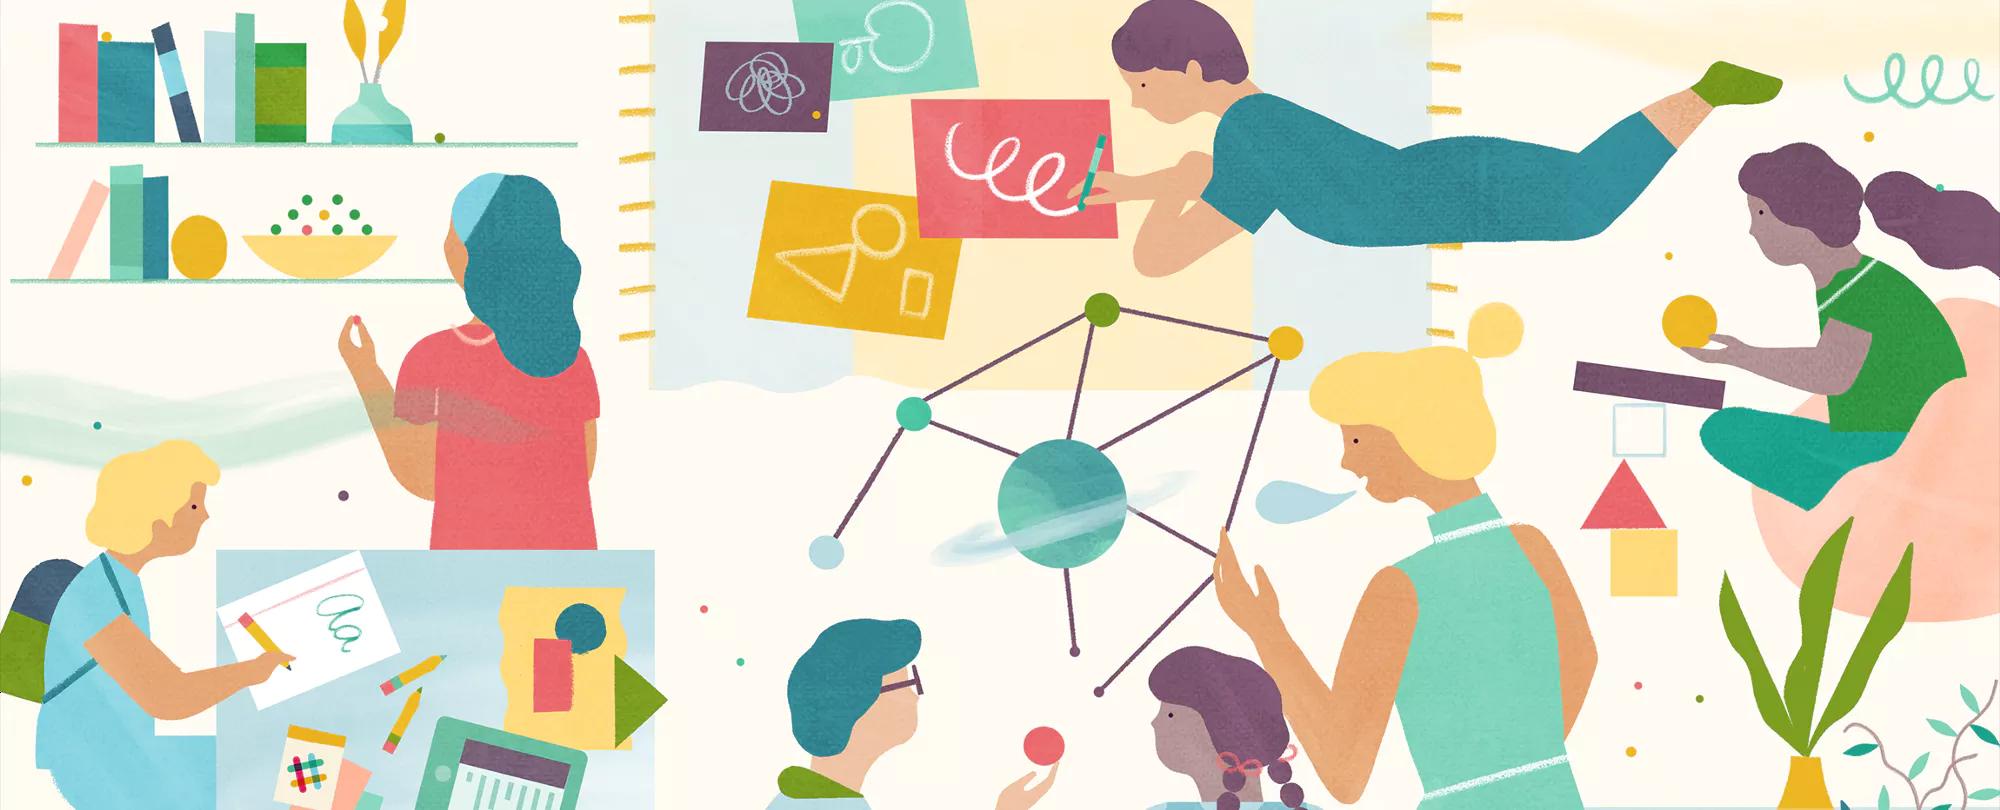 21世纪学习环境,PST(教学法、空间、技术),学习环境,学习空间,学校设计